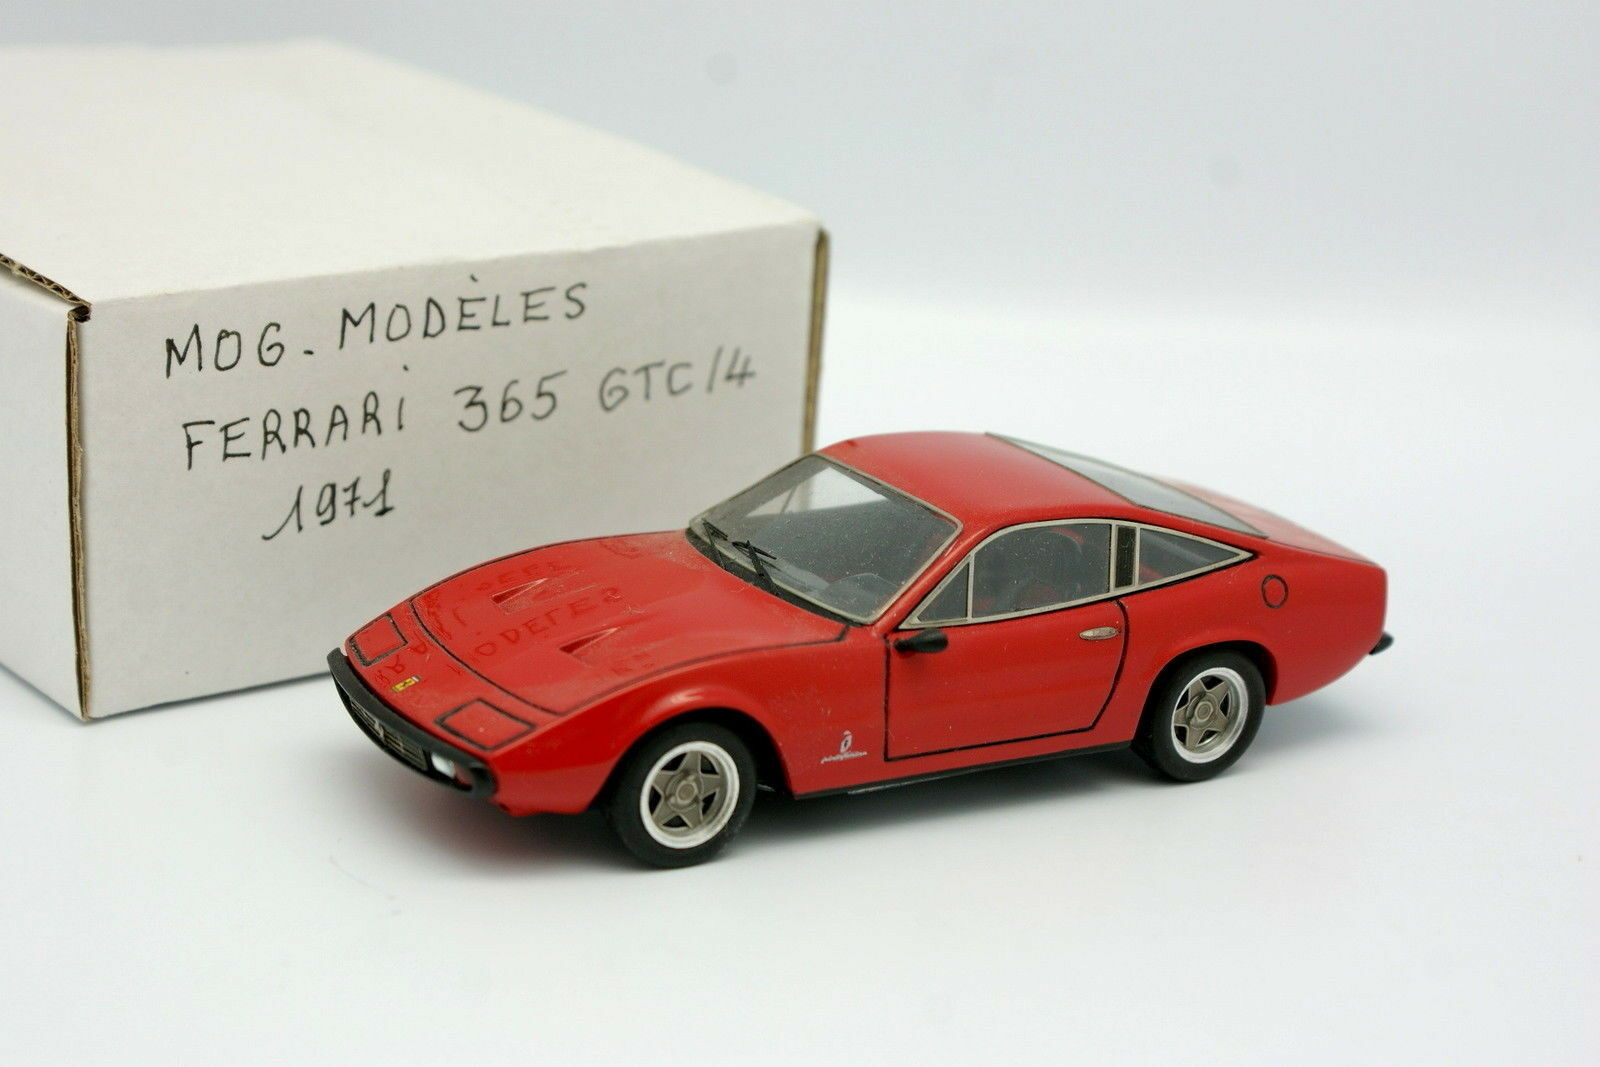 MOG Modeles 1 43 - Ferrari 365 GTC 4 1971